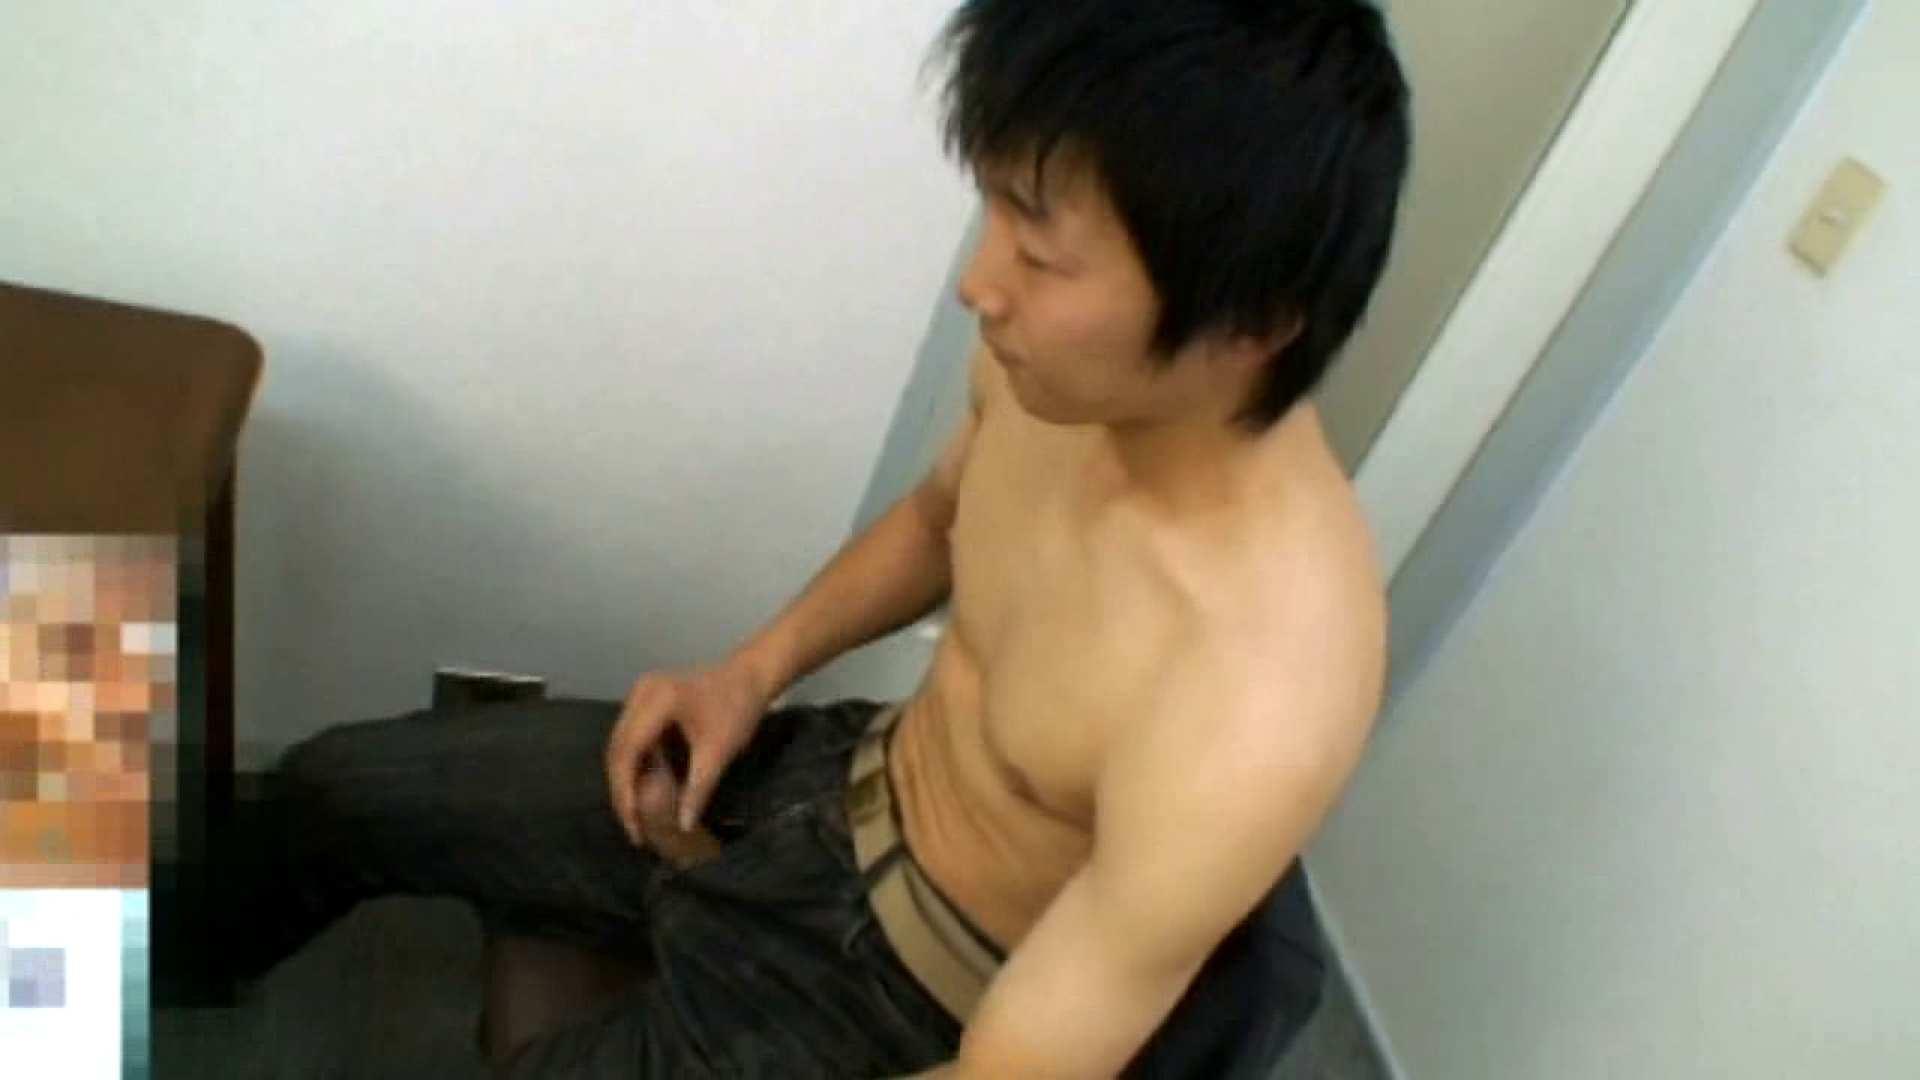 亜細亜のイケメンがイクっ!File.08 イケメンたち ケツマンスケベ画像 98pic 80